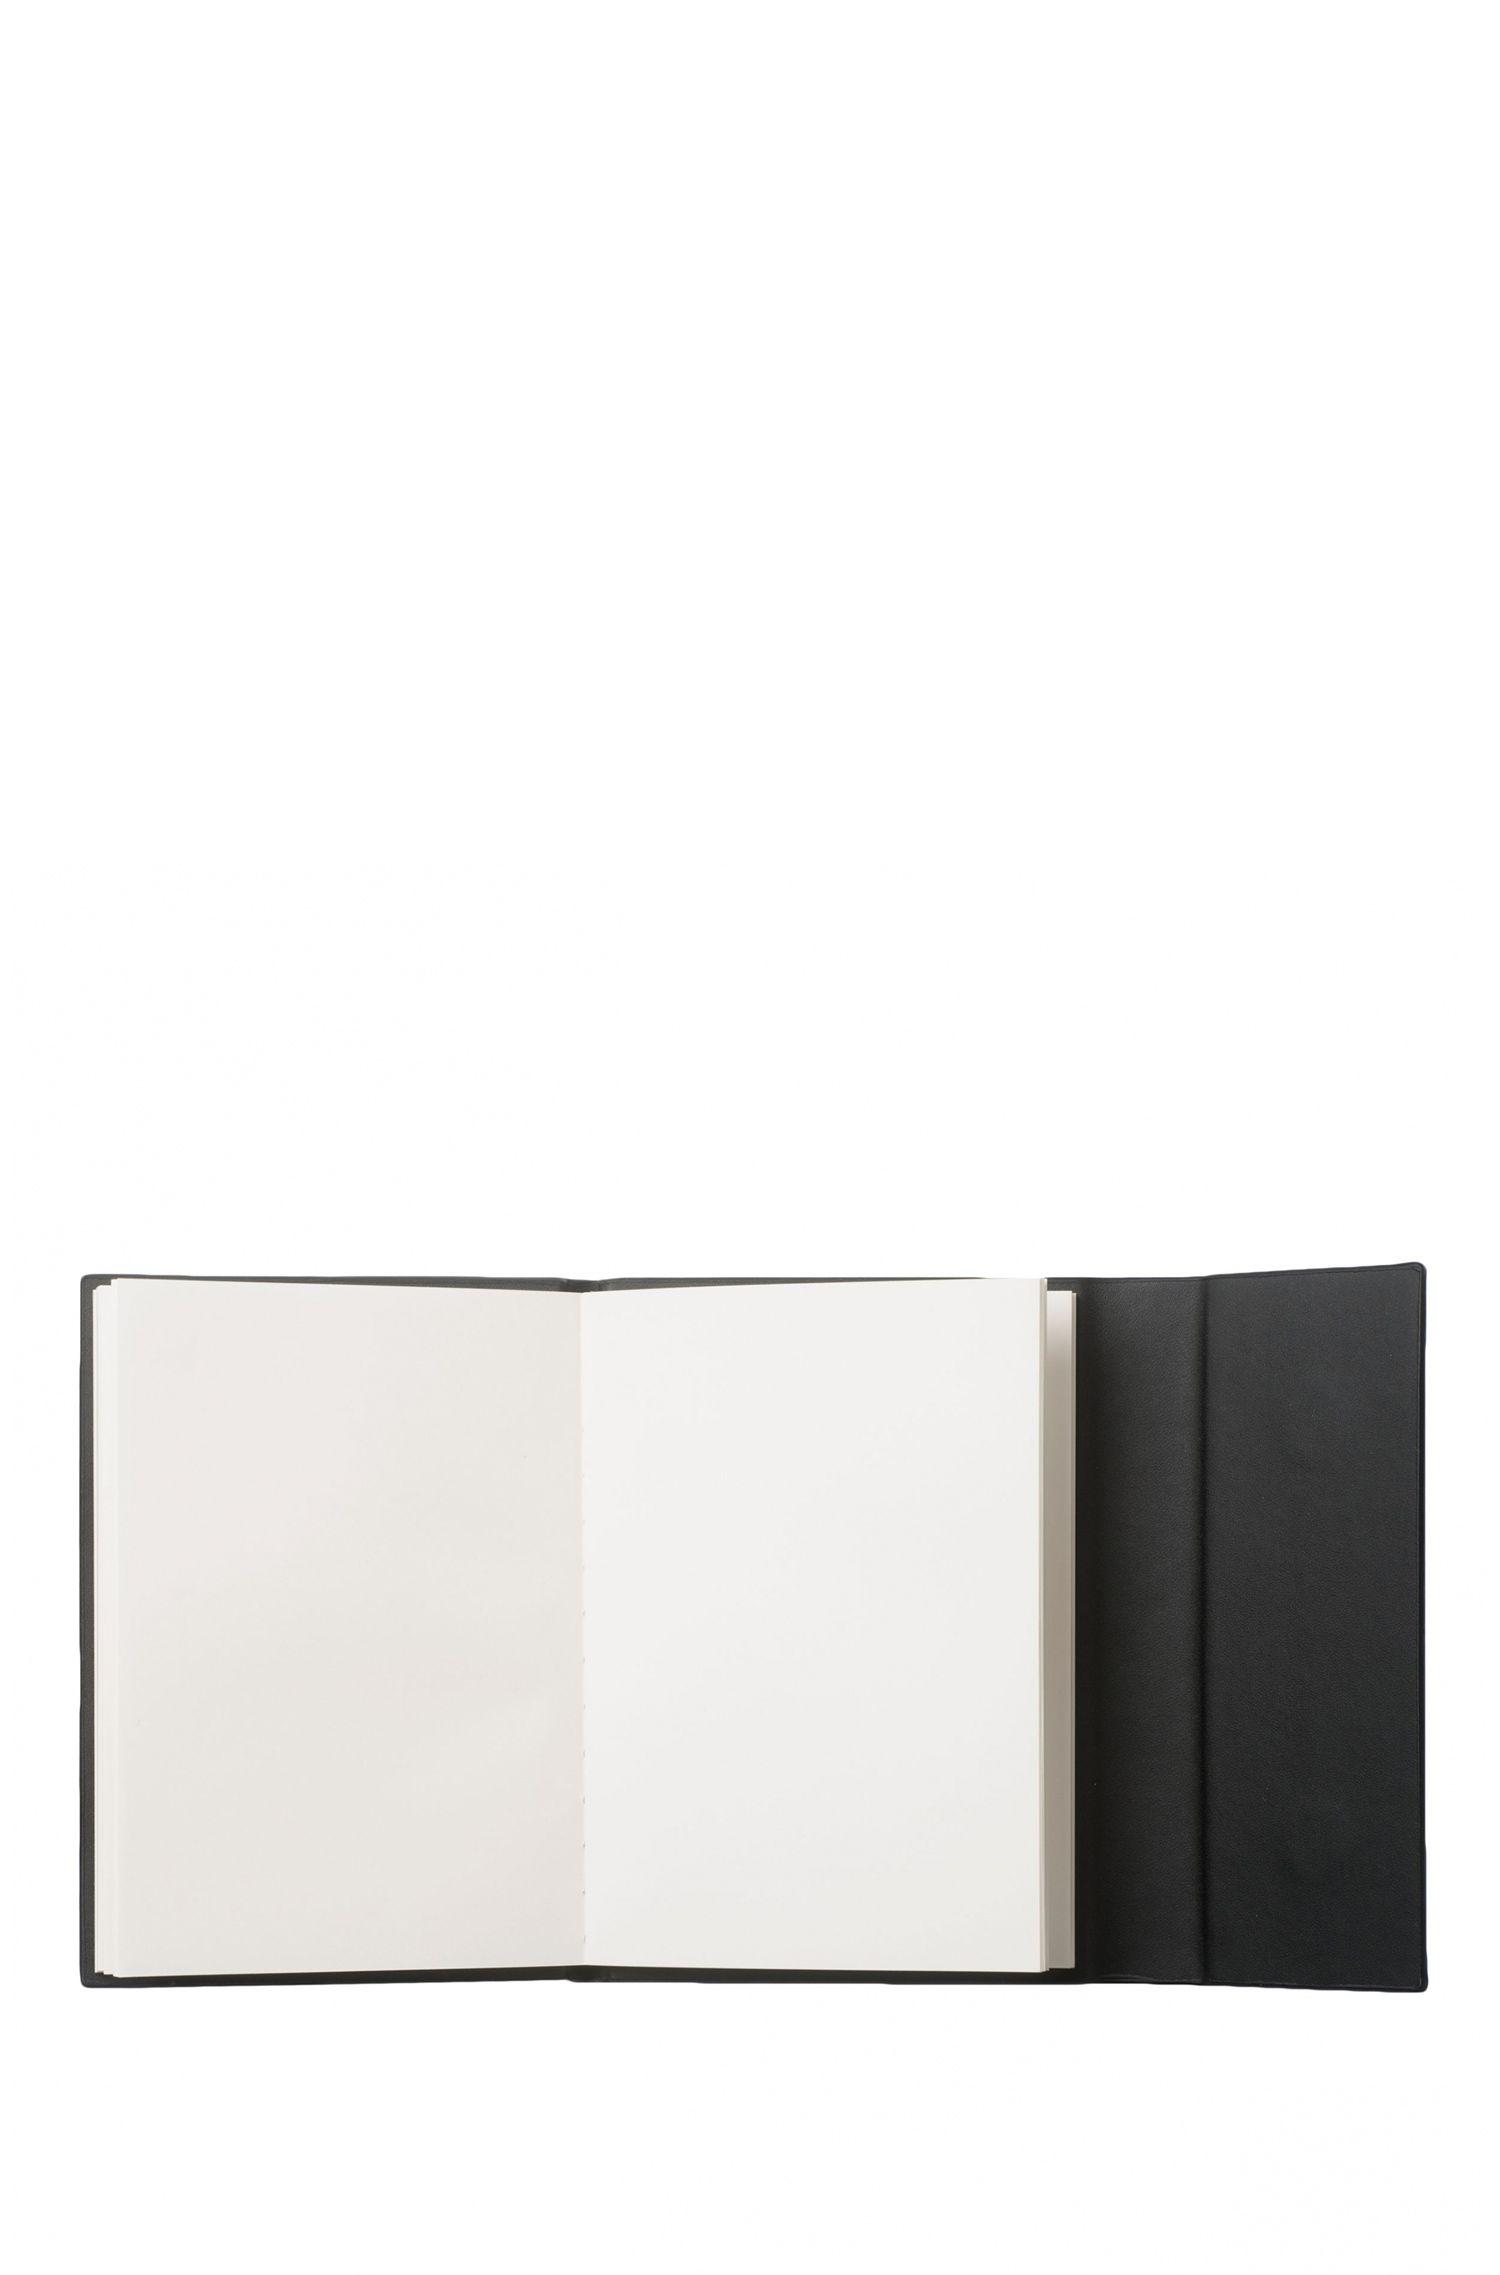 DIN A6 Notizbuch mit Steckfach: 'Verse'